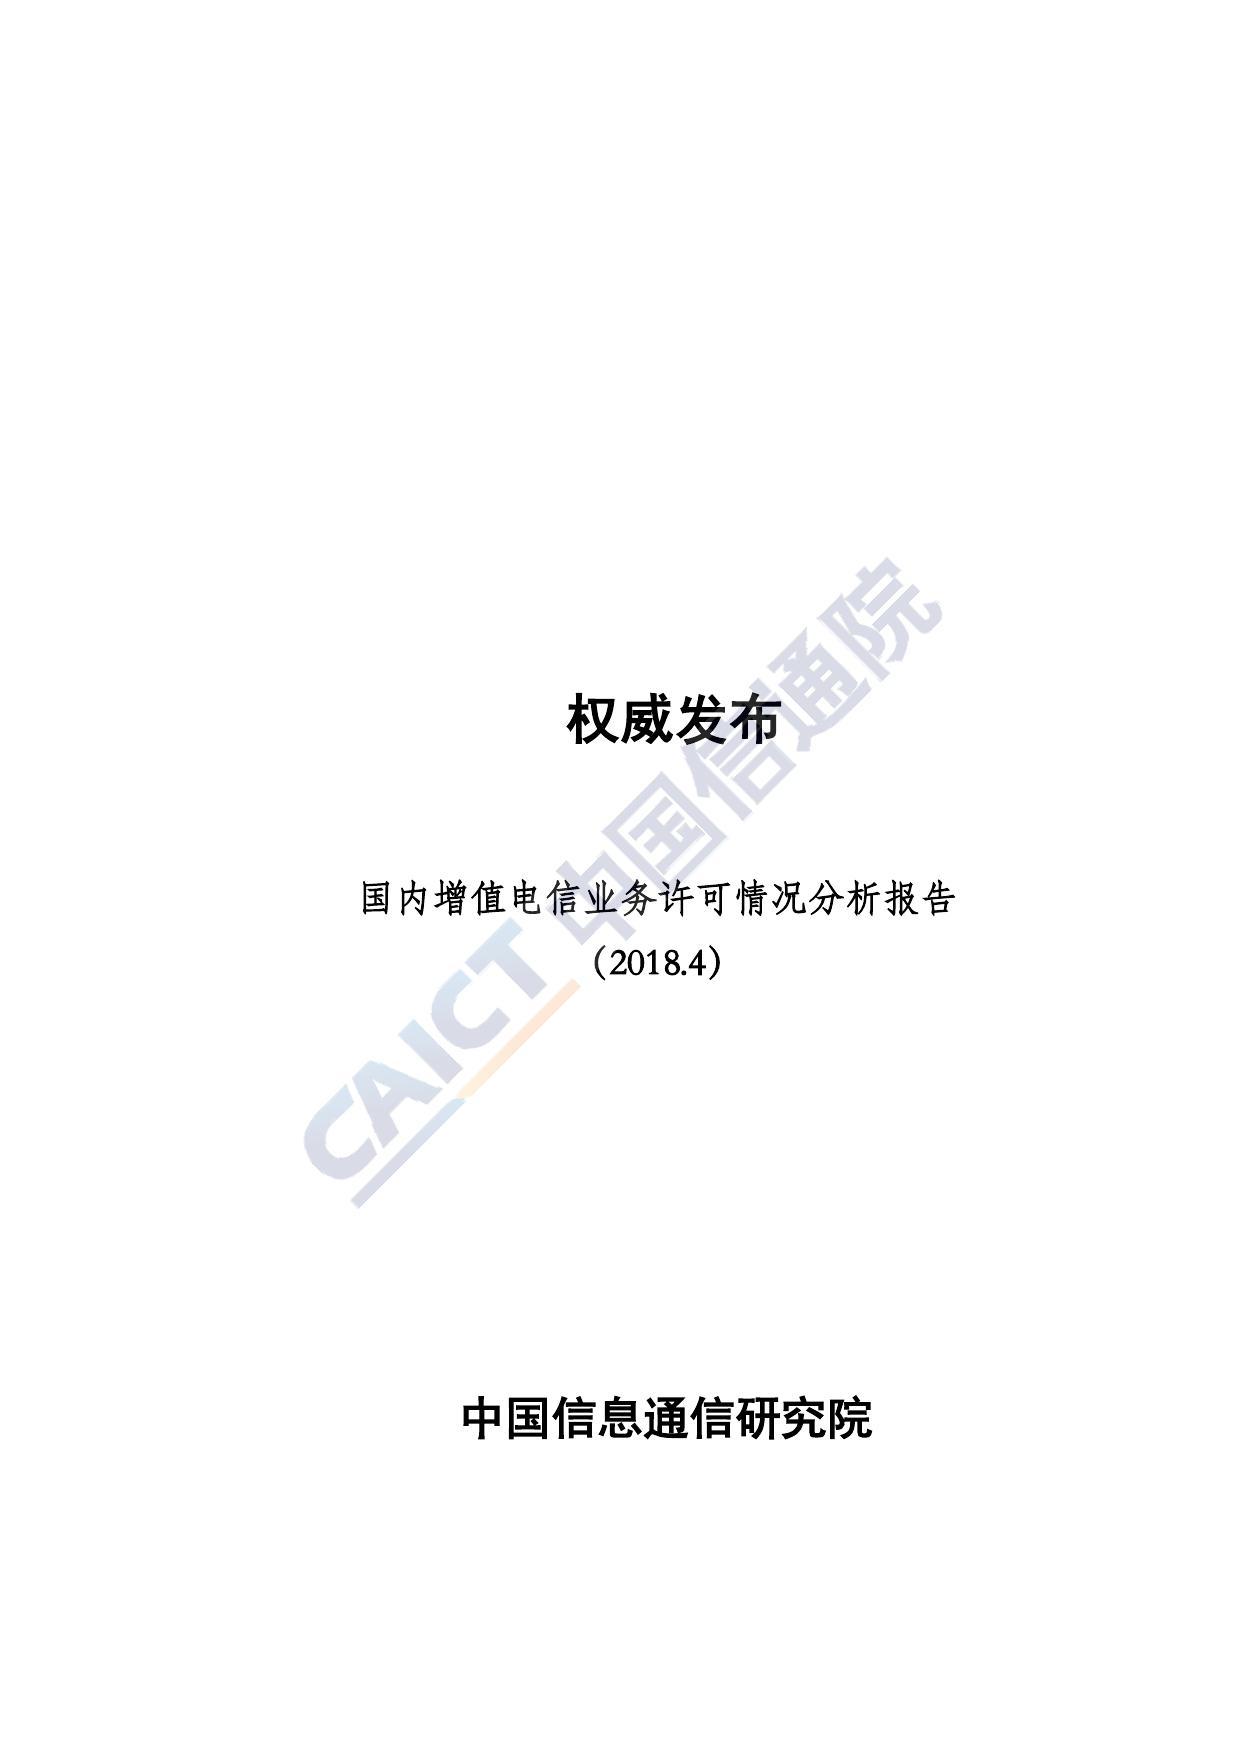 中国信通院:2018年4月国内增值电信业务许可情况分析报告(附下载)